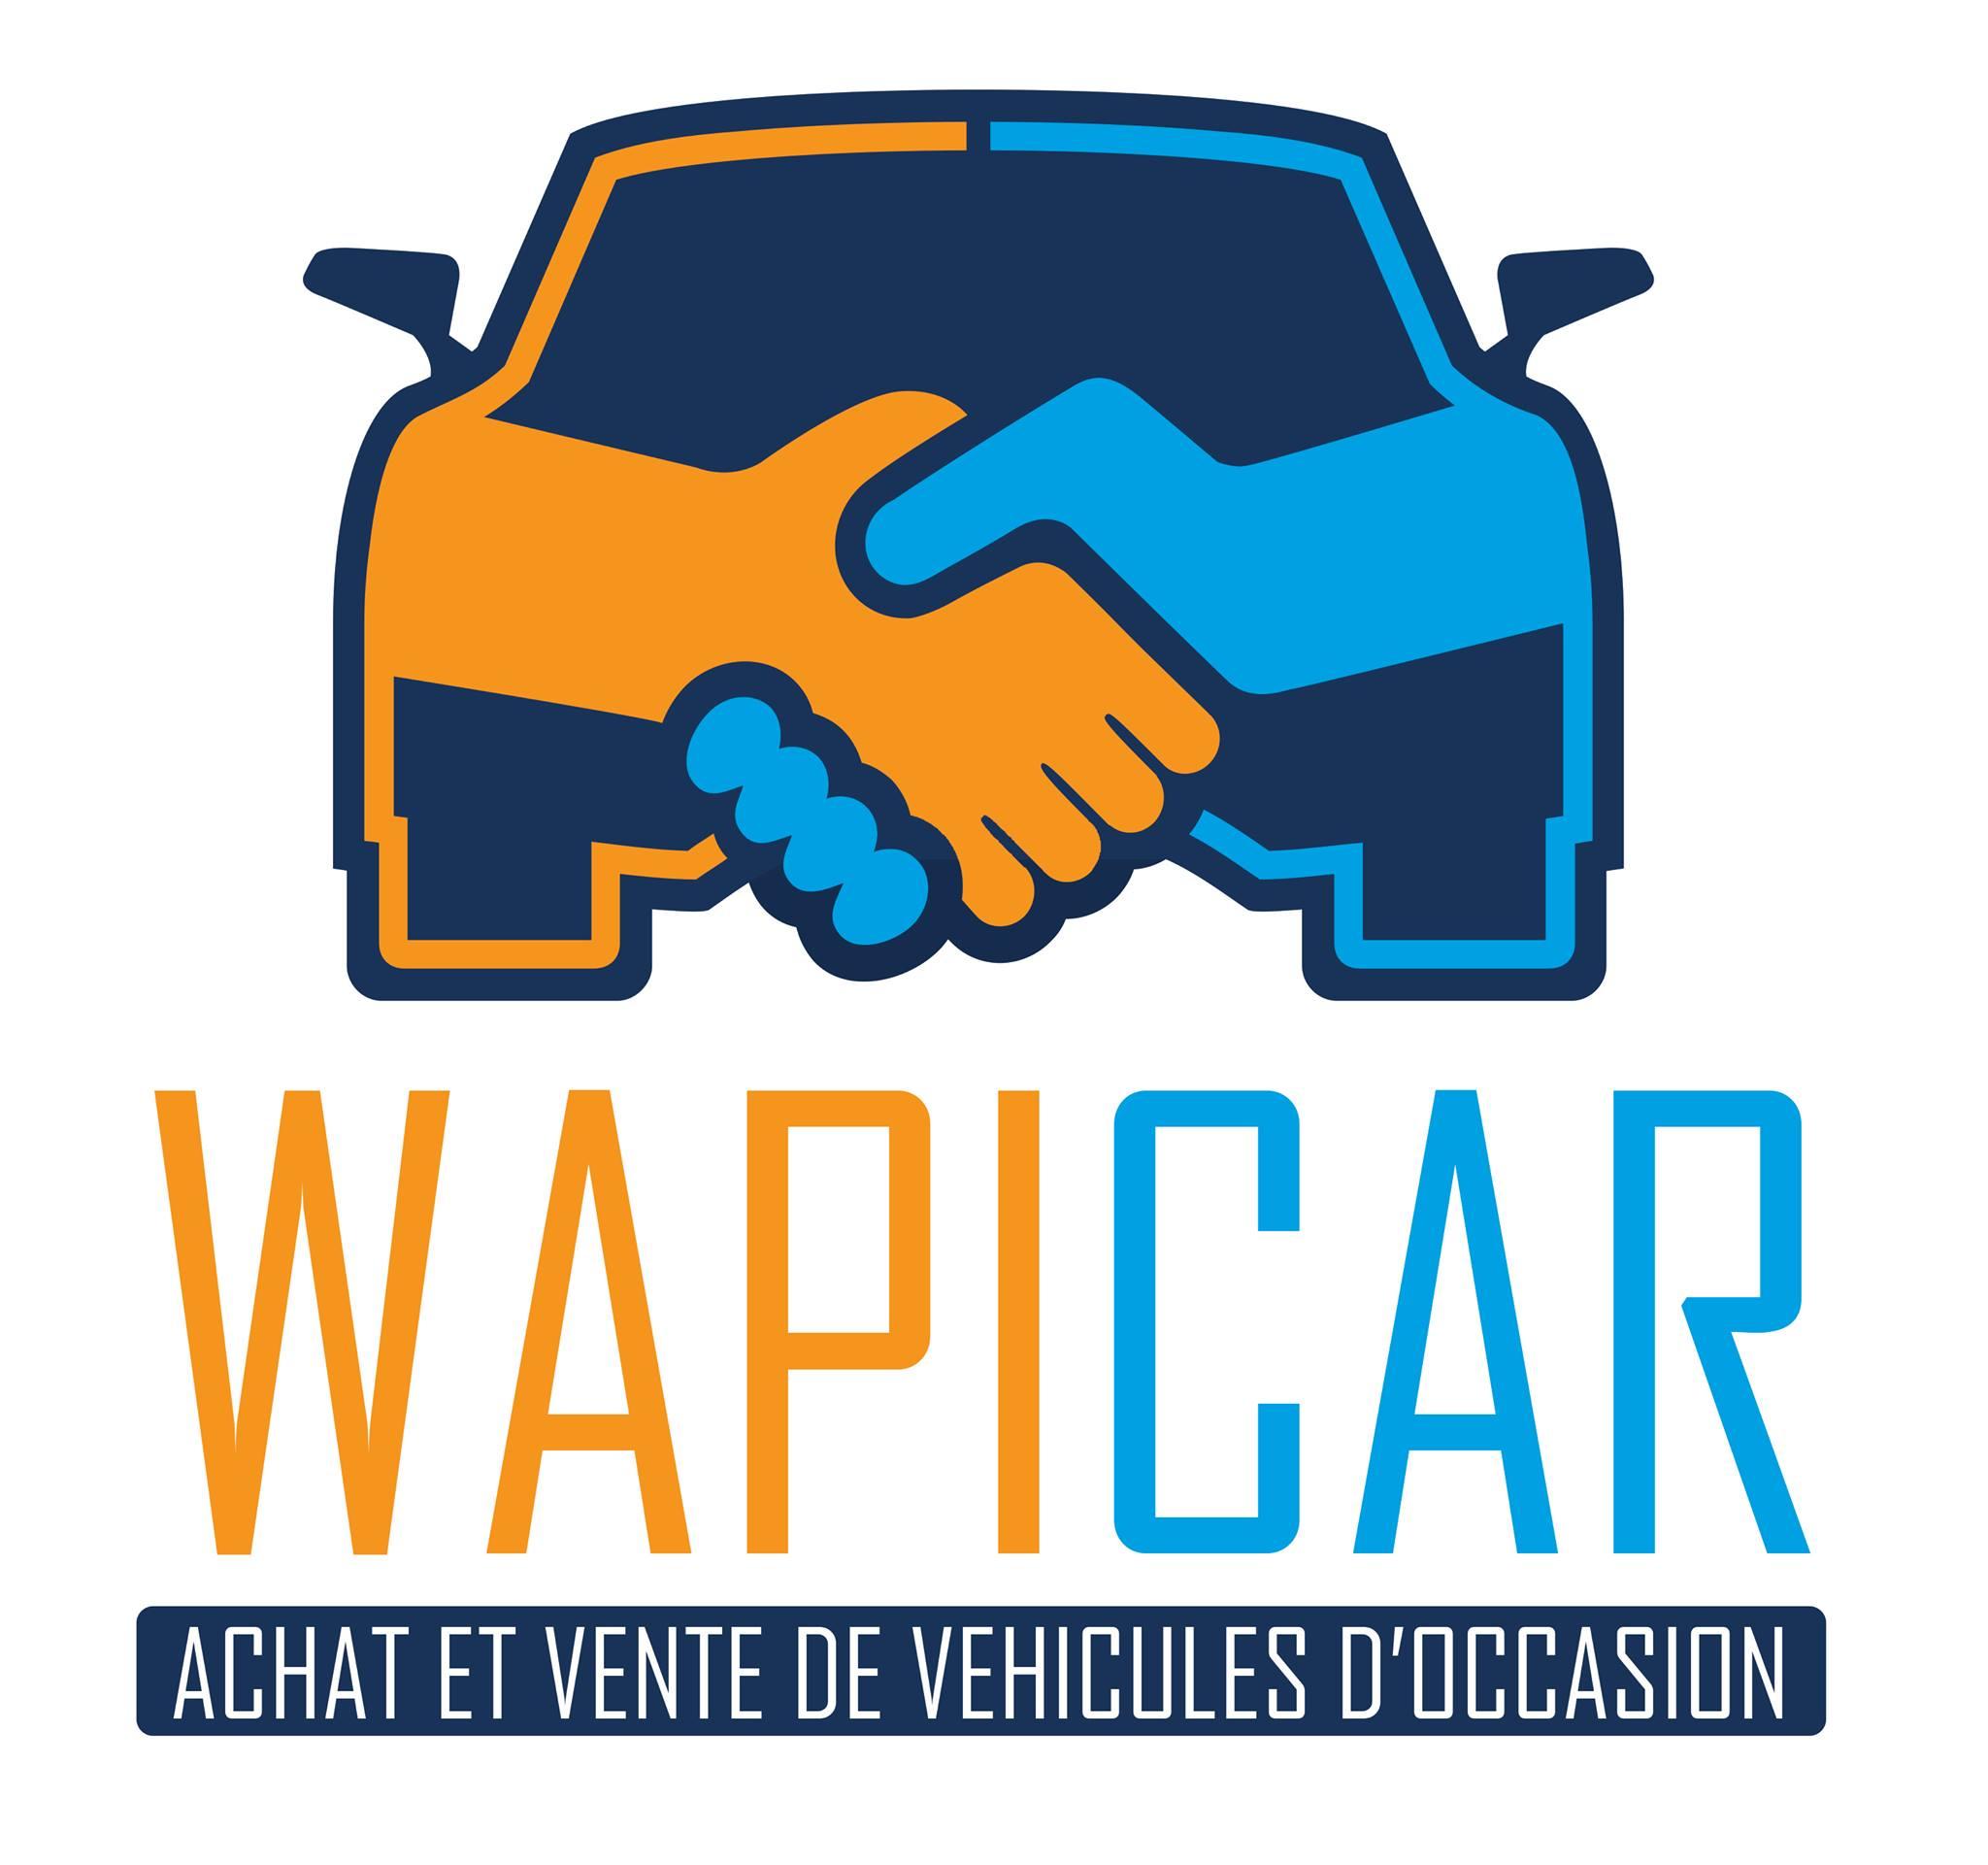 Wapicar